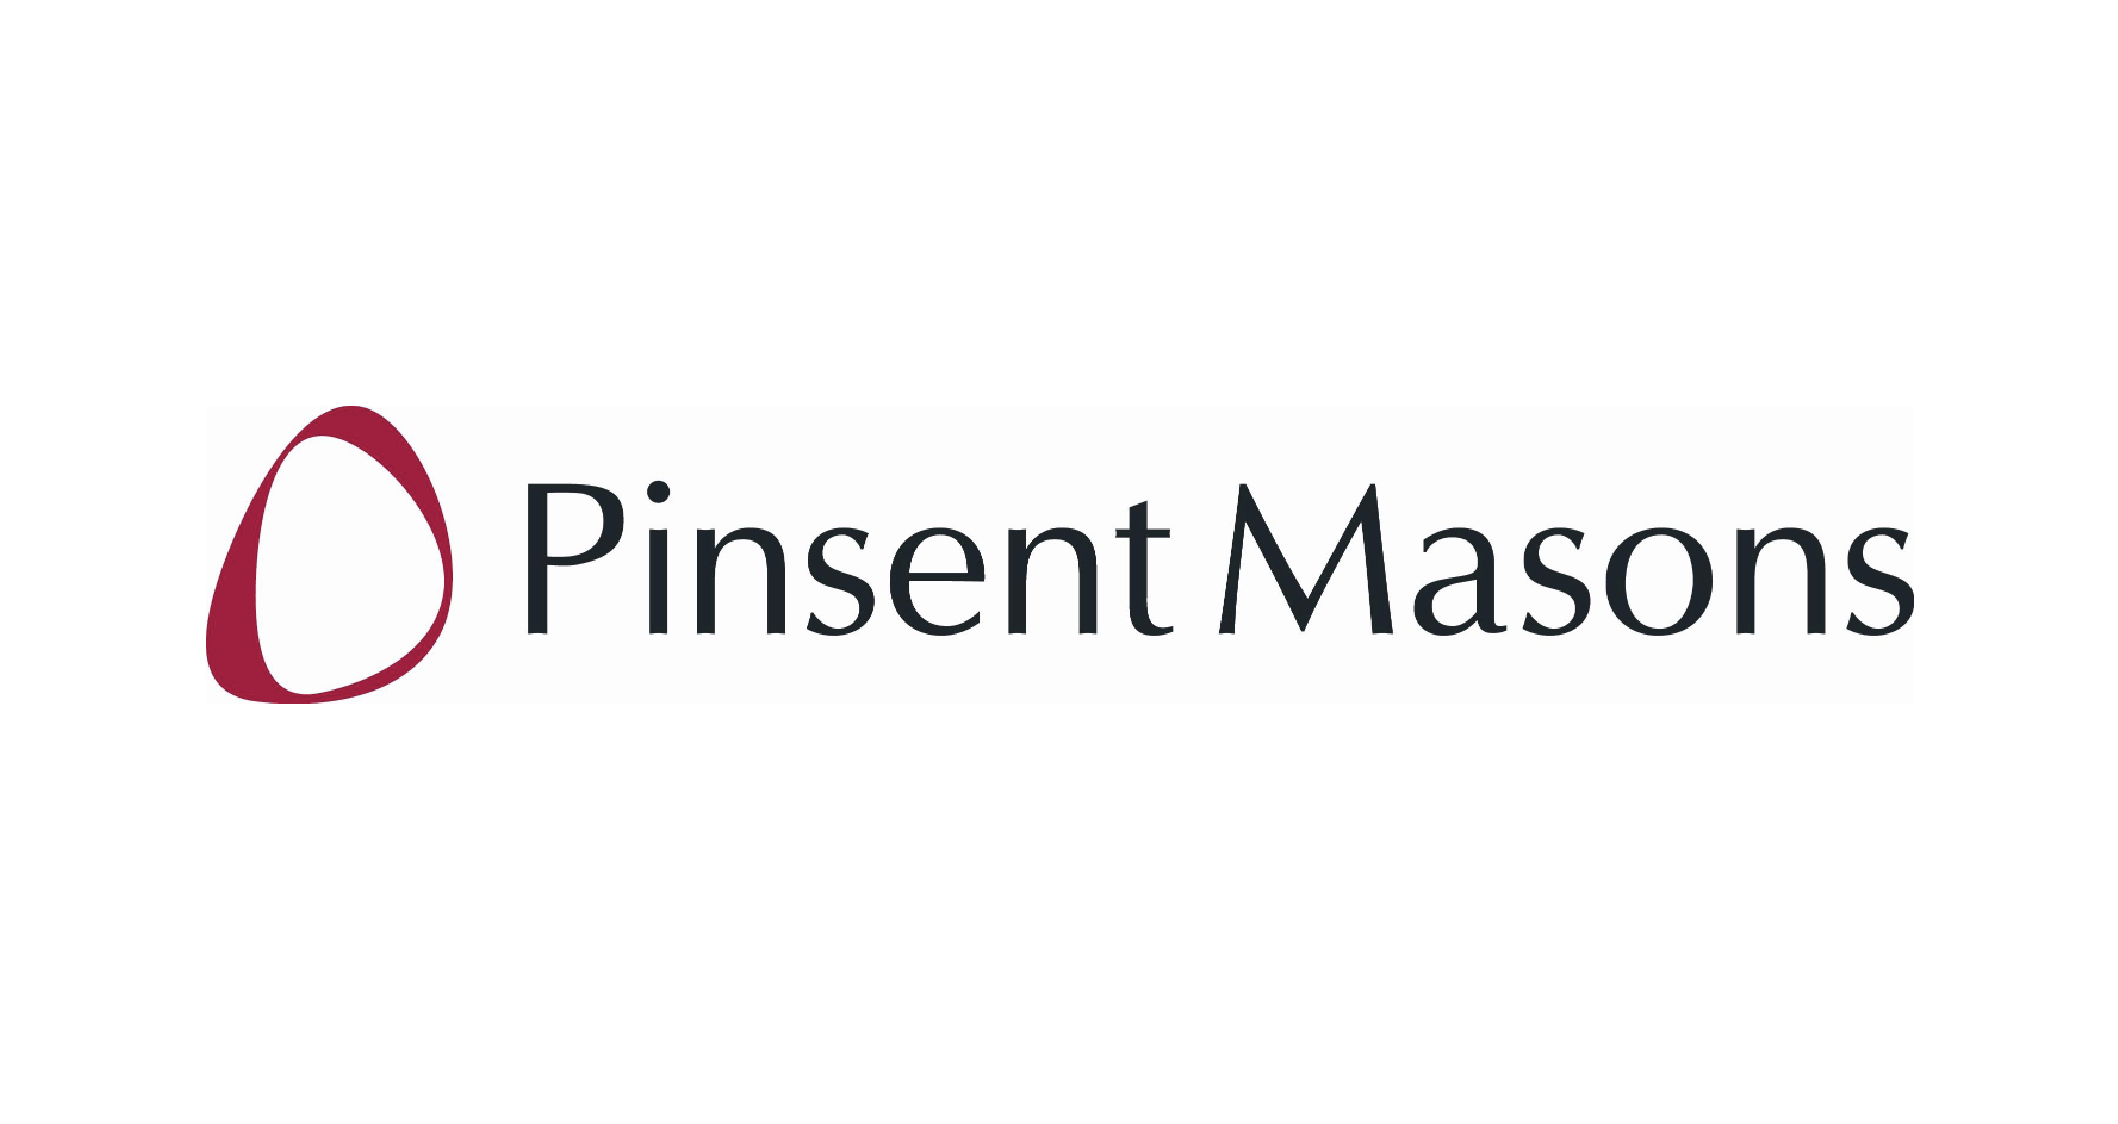 Pinsent Masons - MESIA